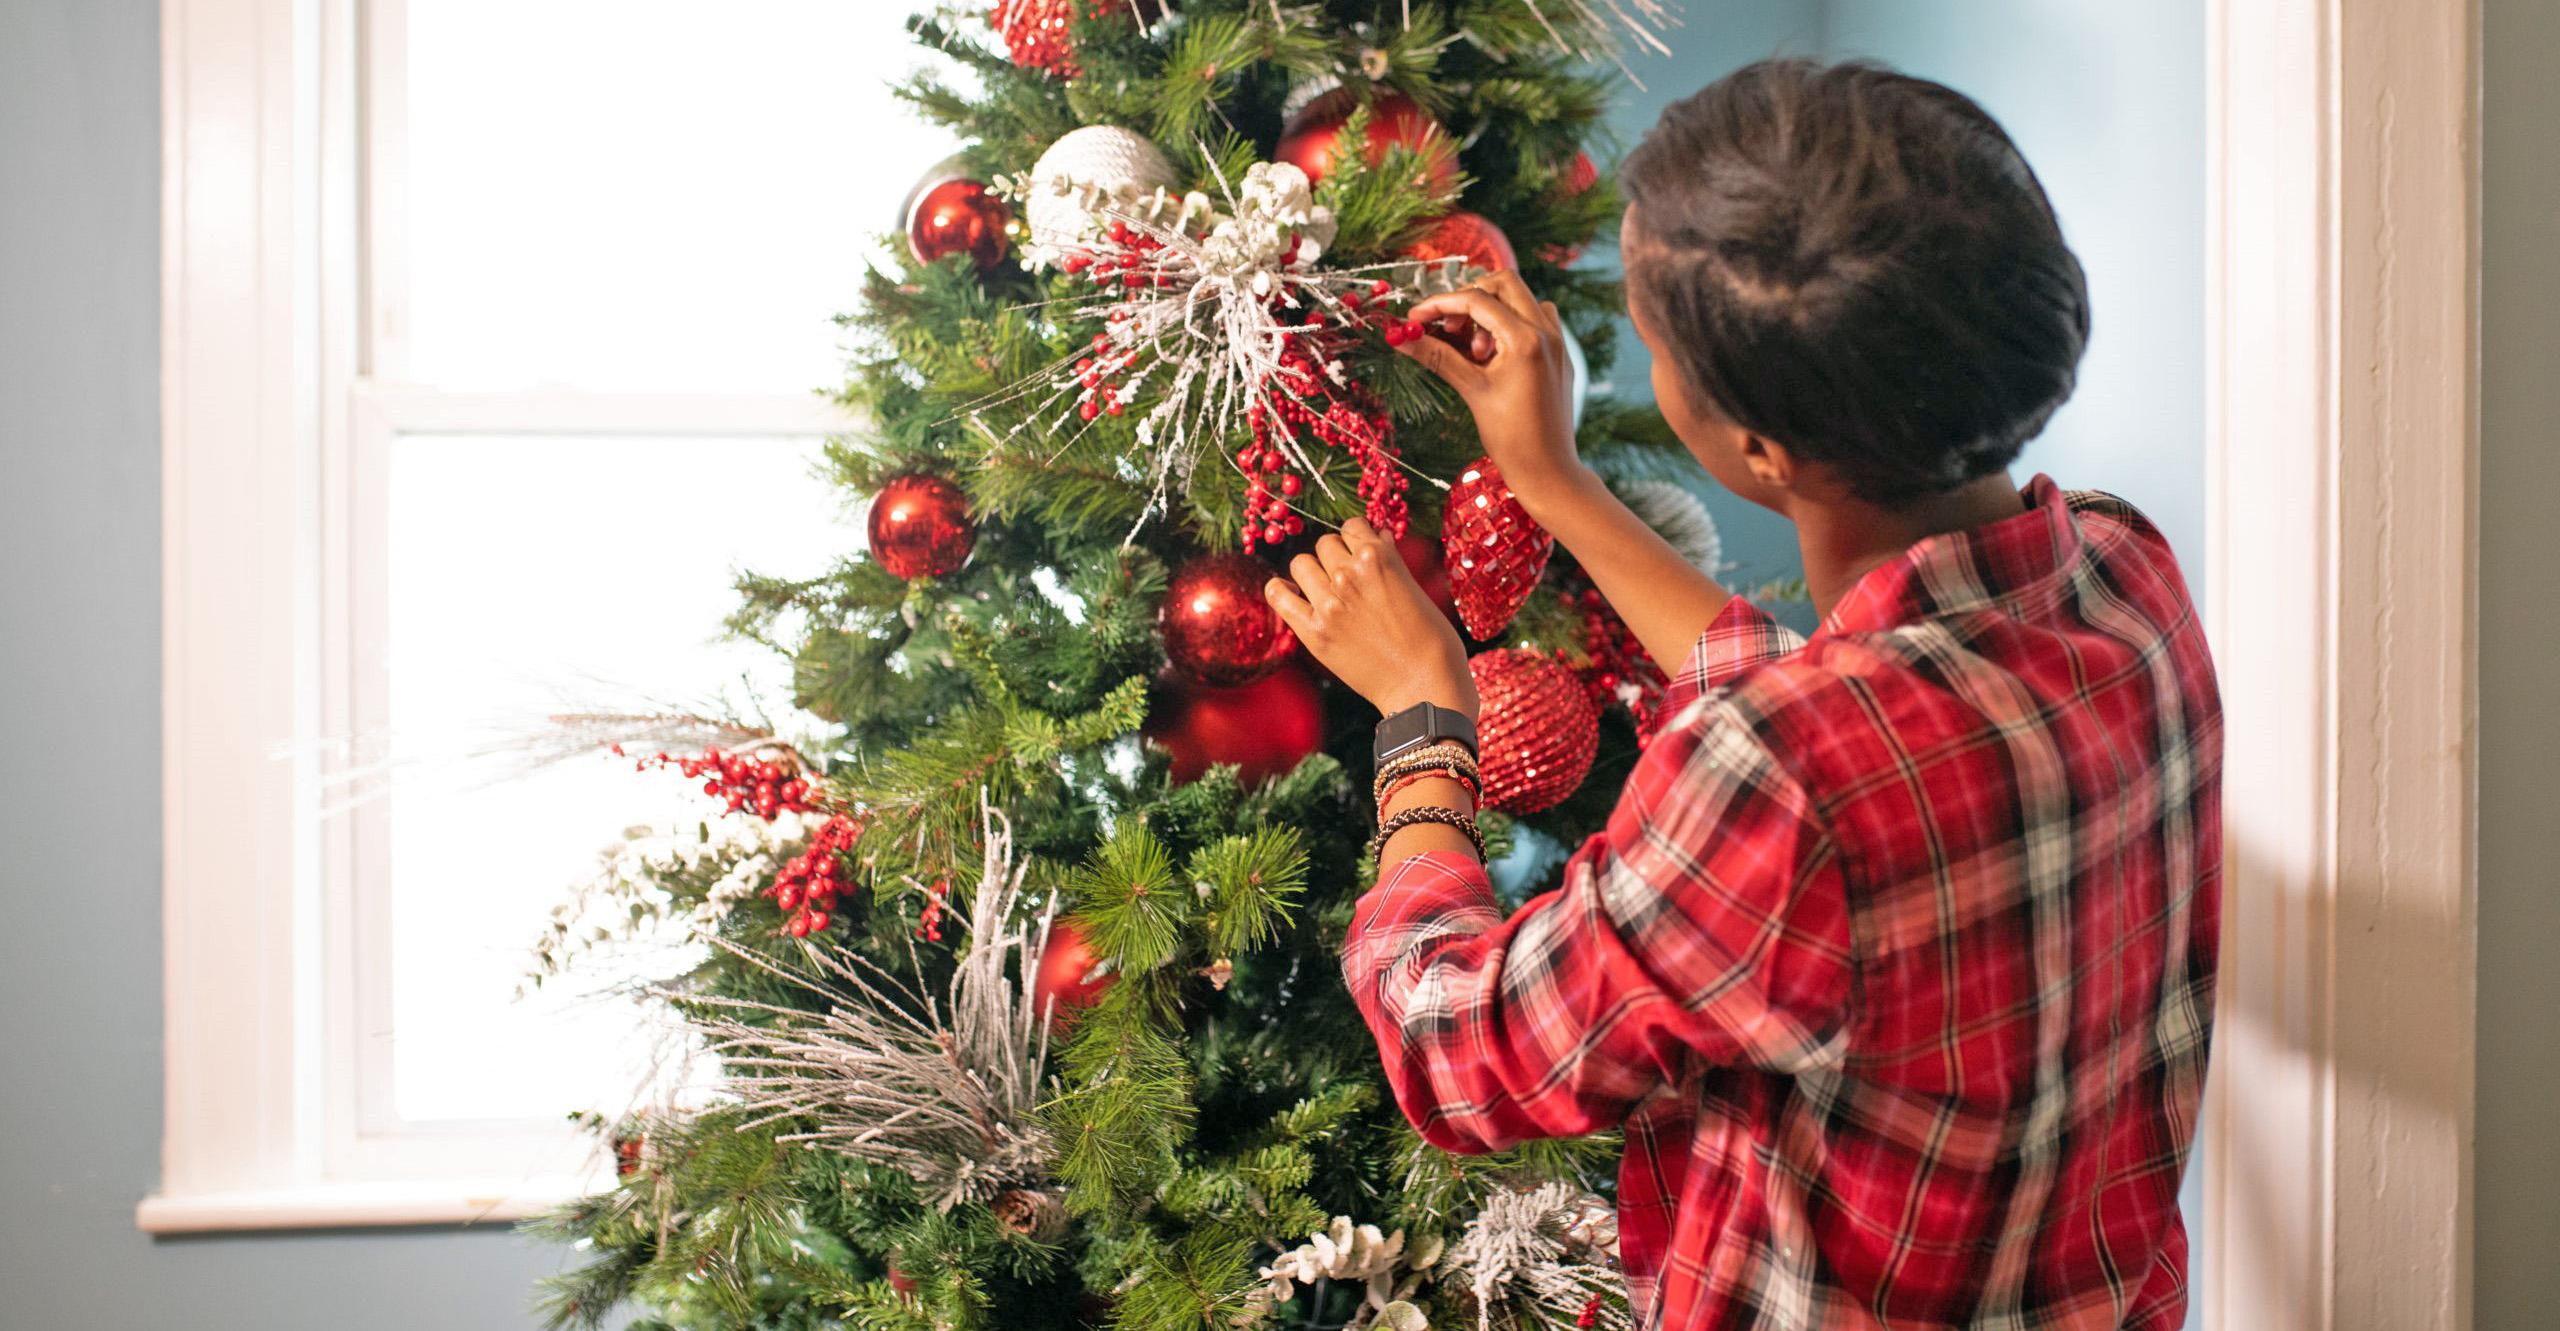 Les Meilleurs Textes Pour Souhaiter Un Joyeux Noël